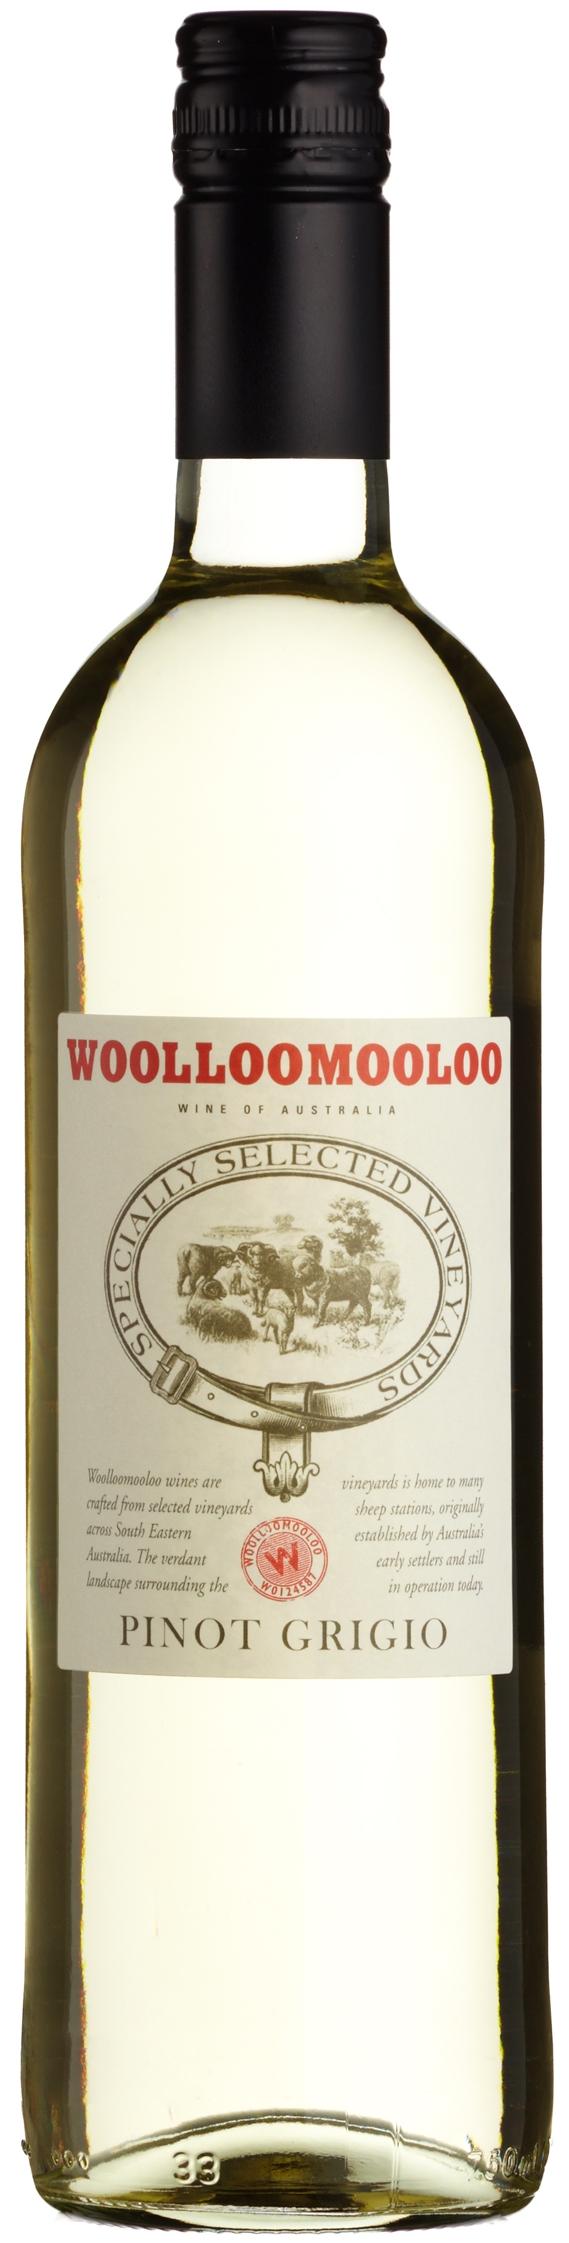 Woolloomooloo Pinot Grigio 2016